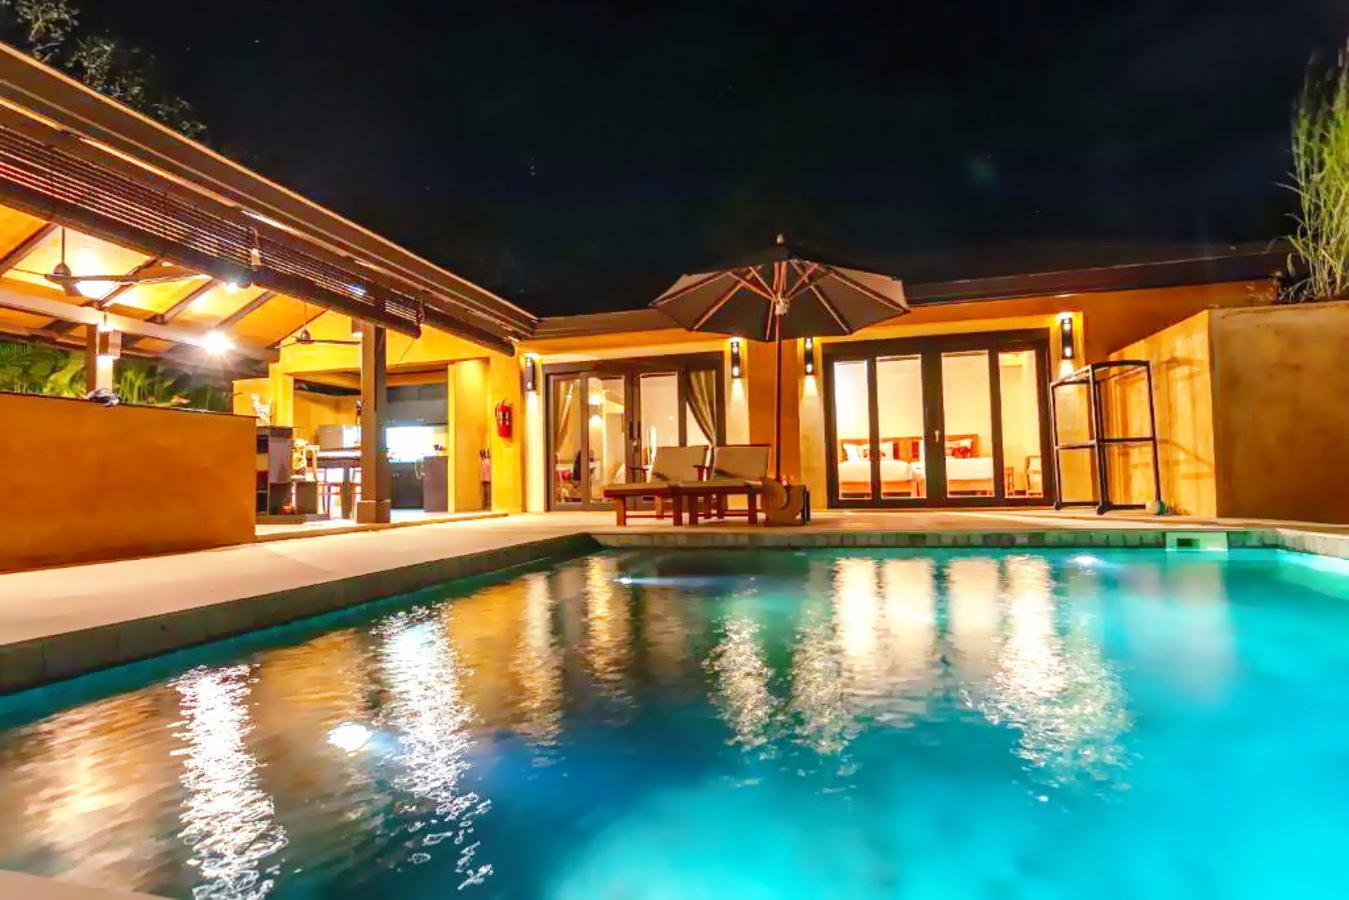 Alanta Pool Villa - Image 5